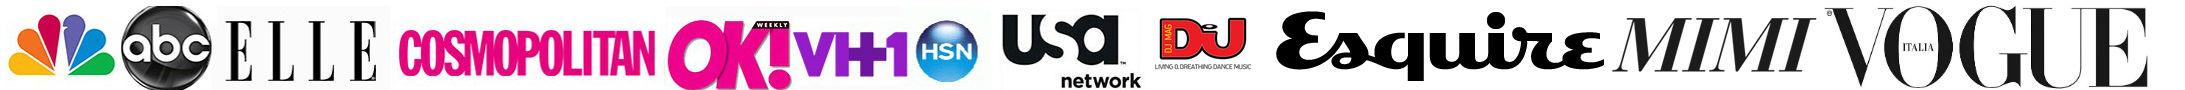 SST Media Logos.jpg